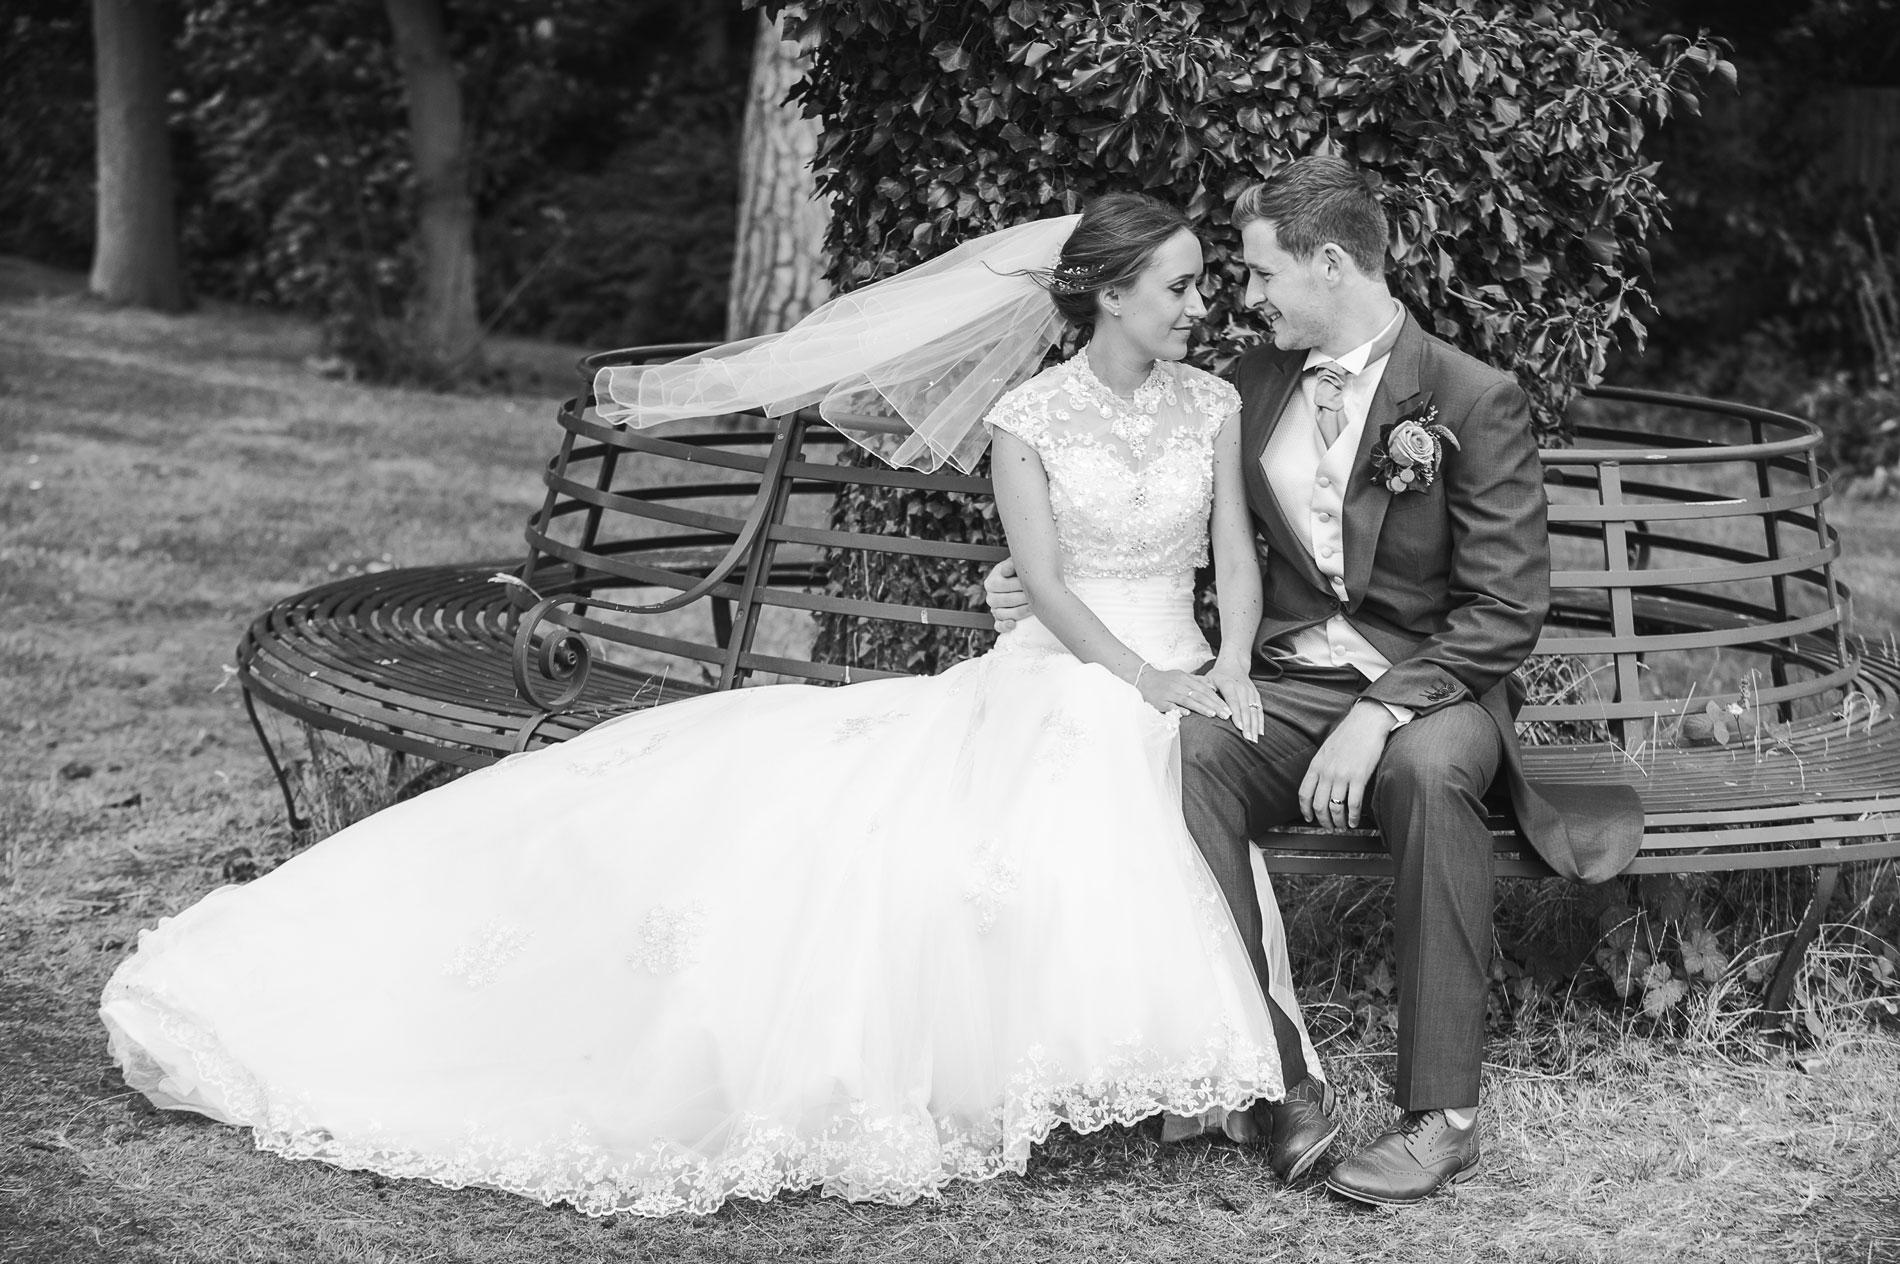 Kilworth-weddings-_35.jpg